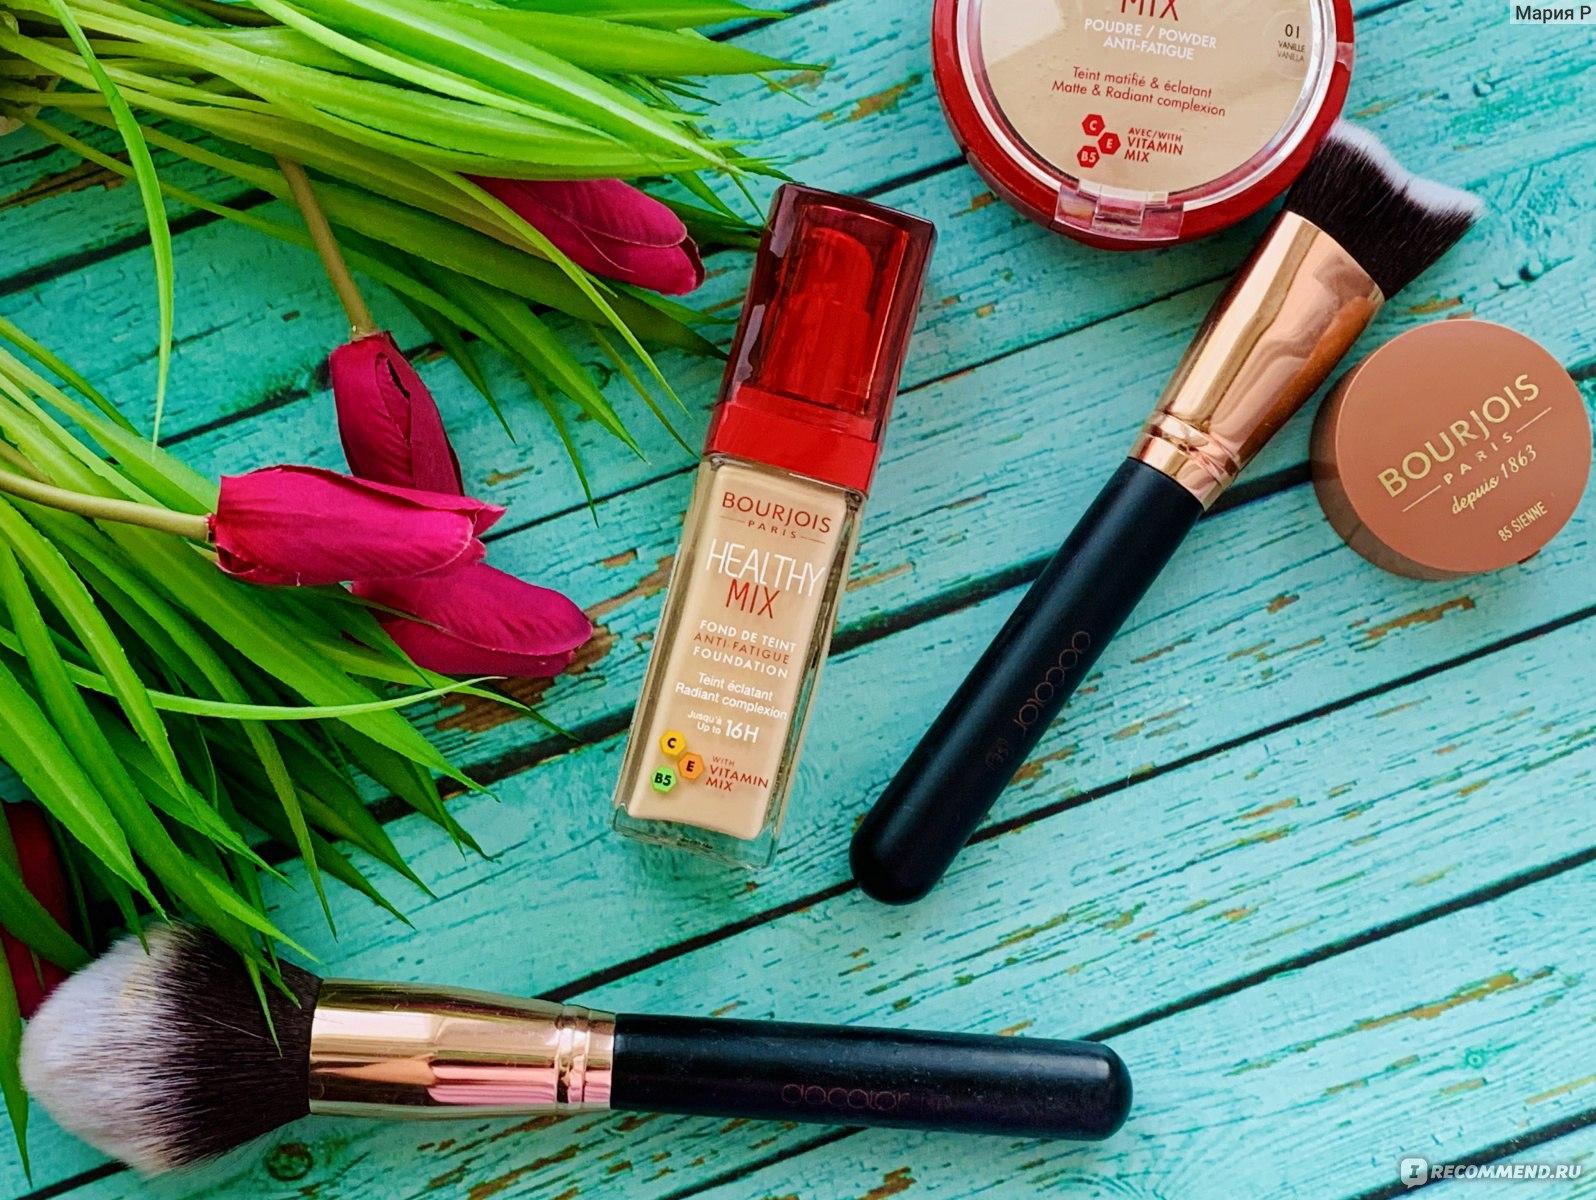 Где в тюмени купить косметику буржуа эйвон мужская парфюмерия